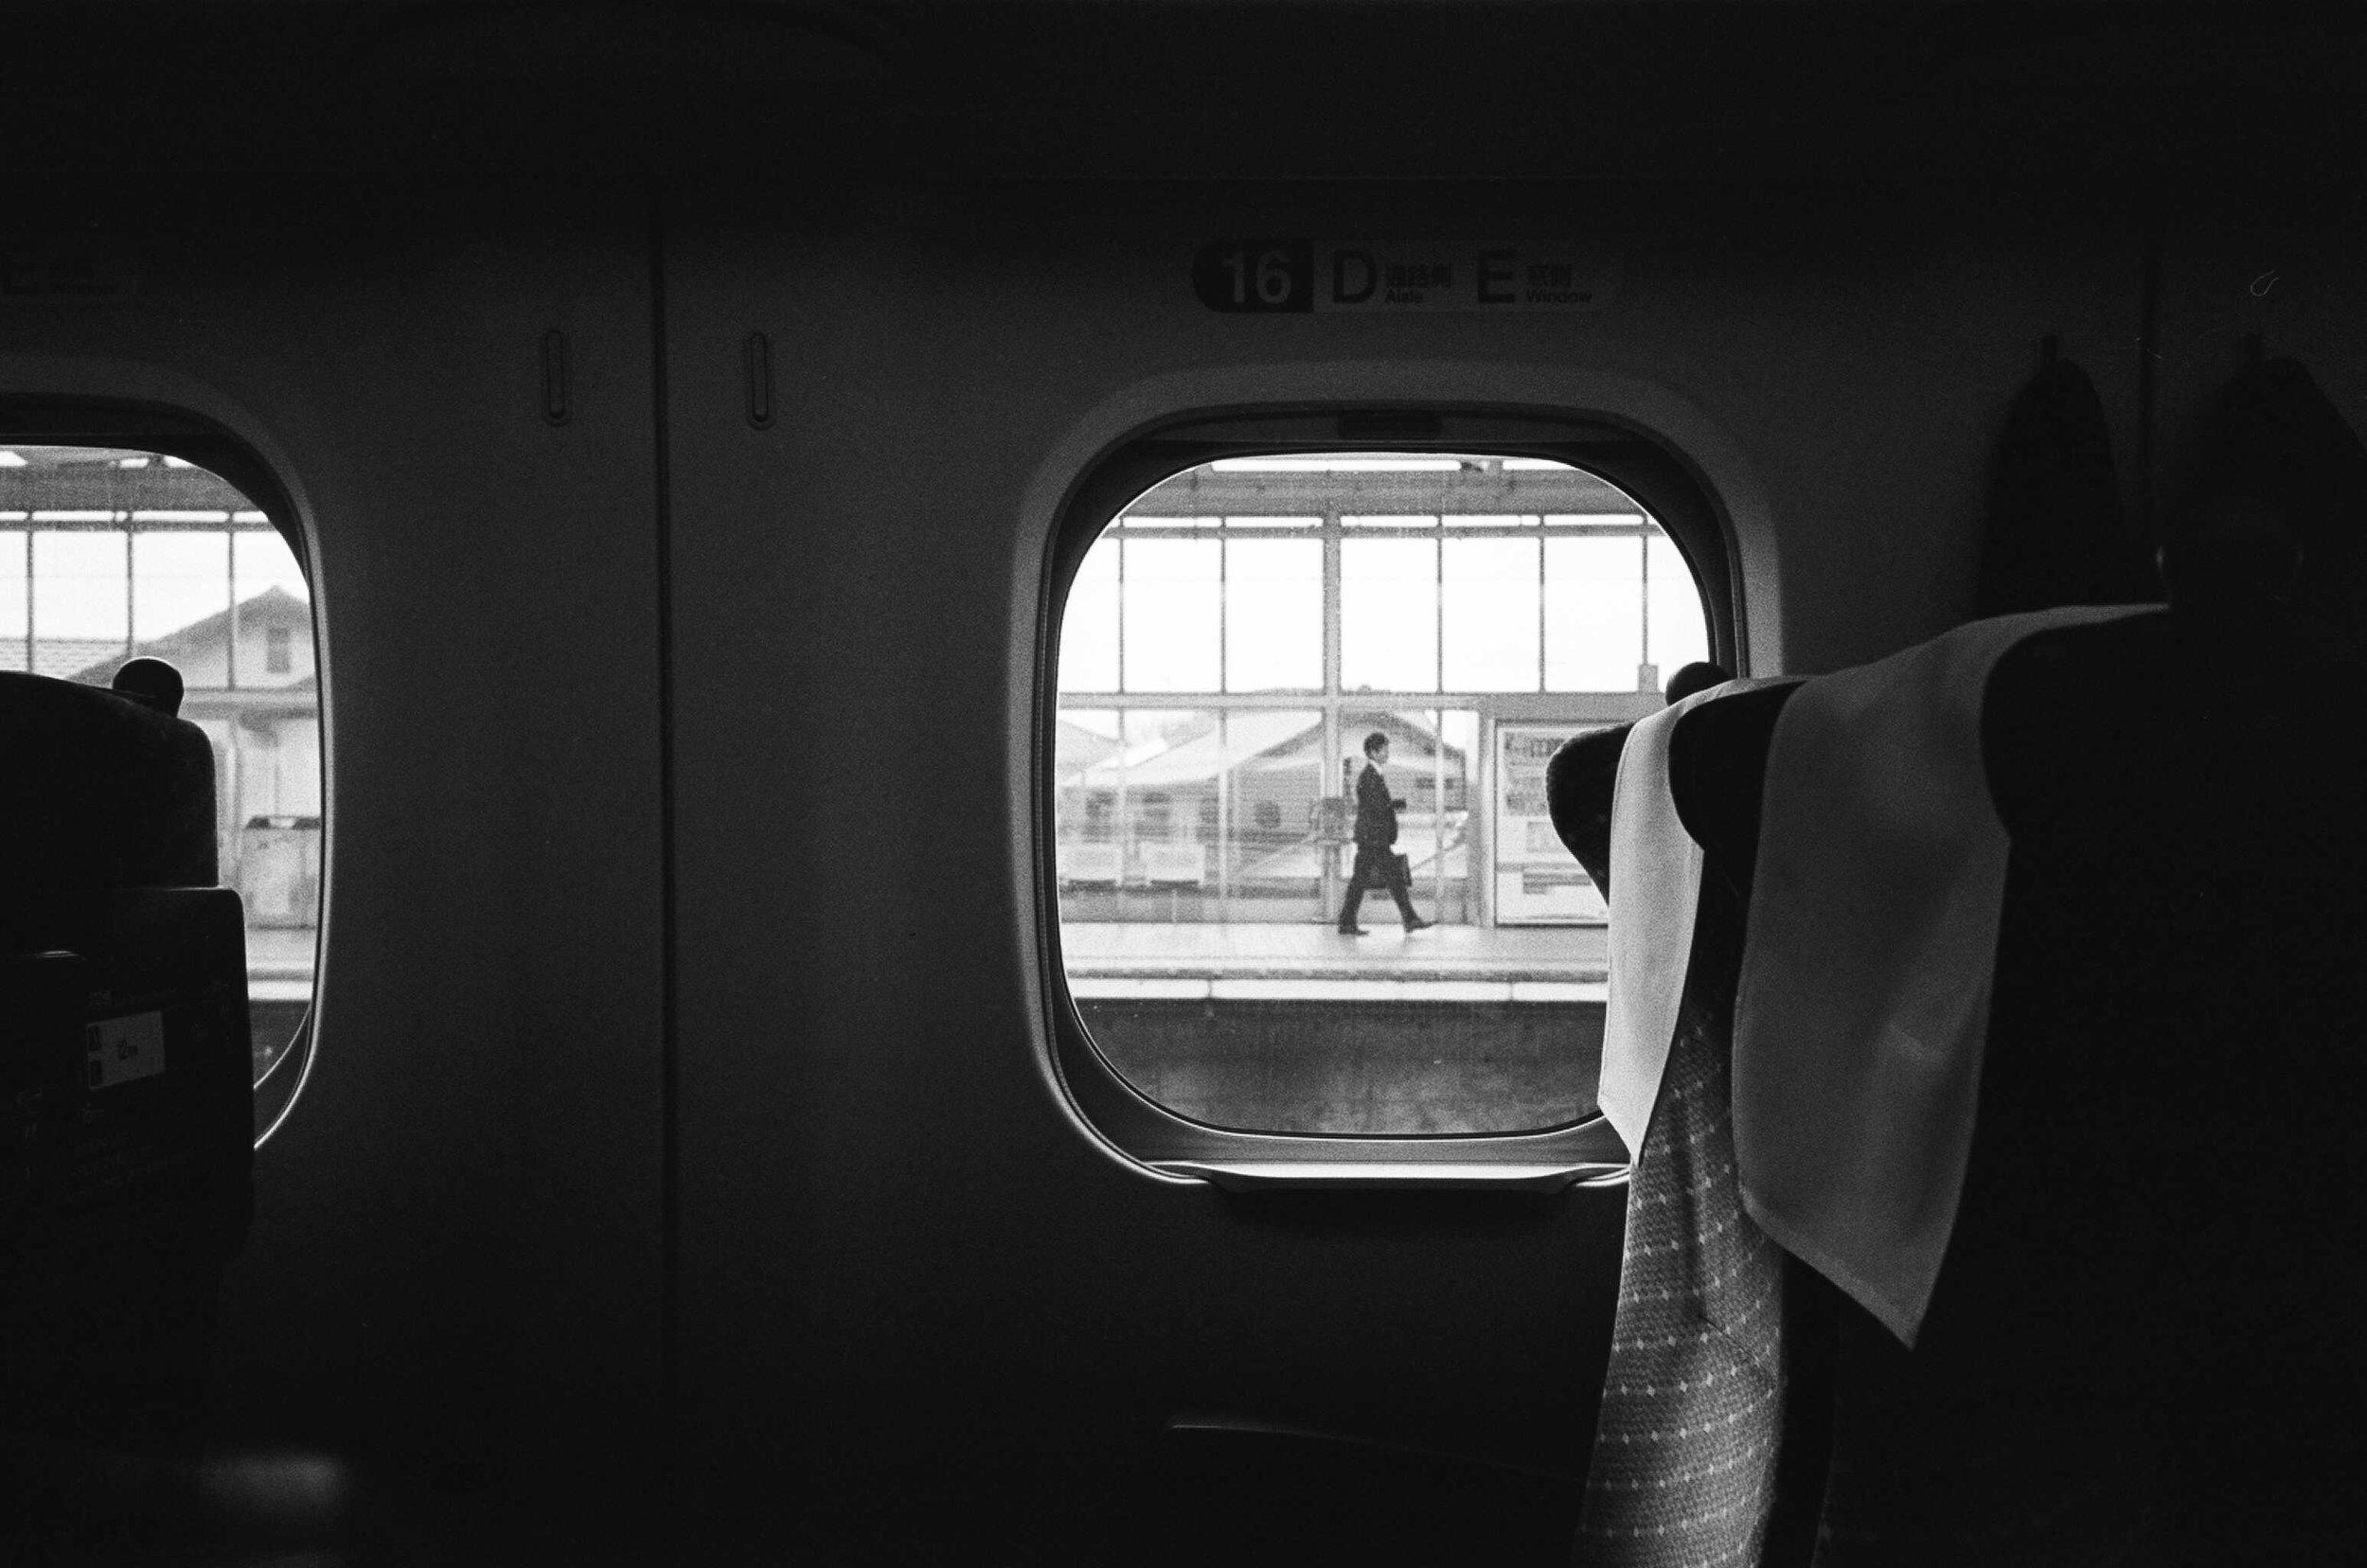 Osaka - Shinkansen